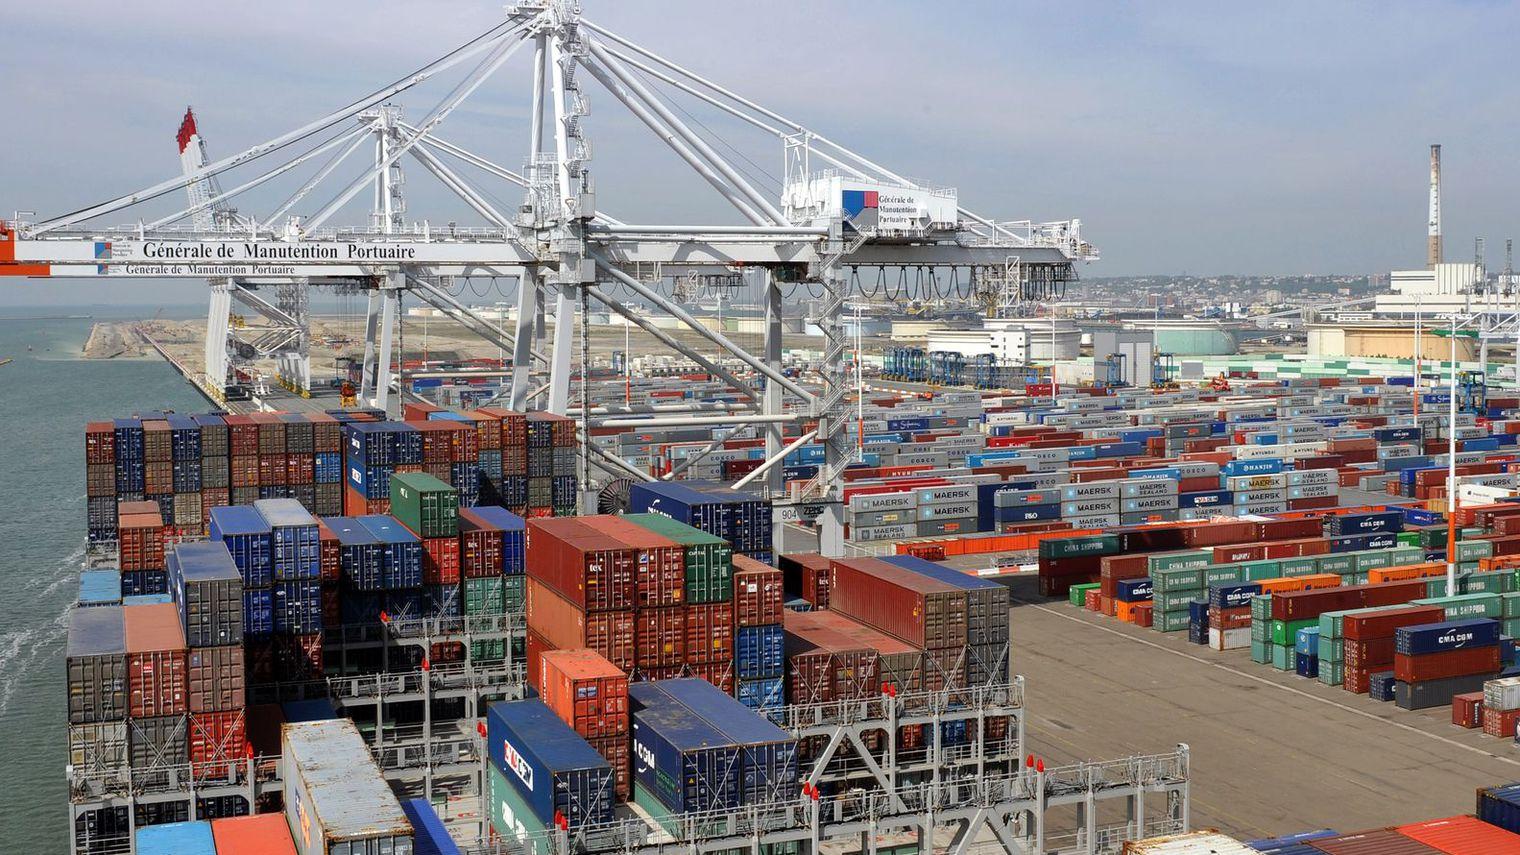 Blog g vatinel 2016 juin - Les plus grand port du monde ...